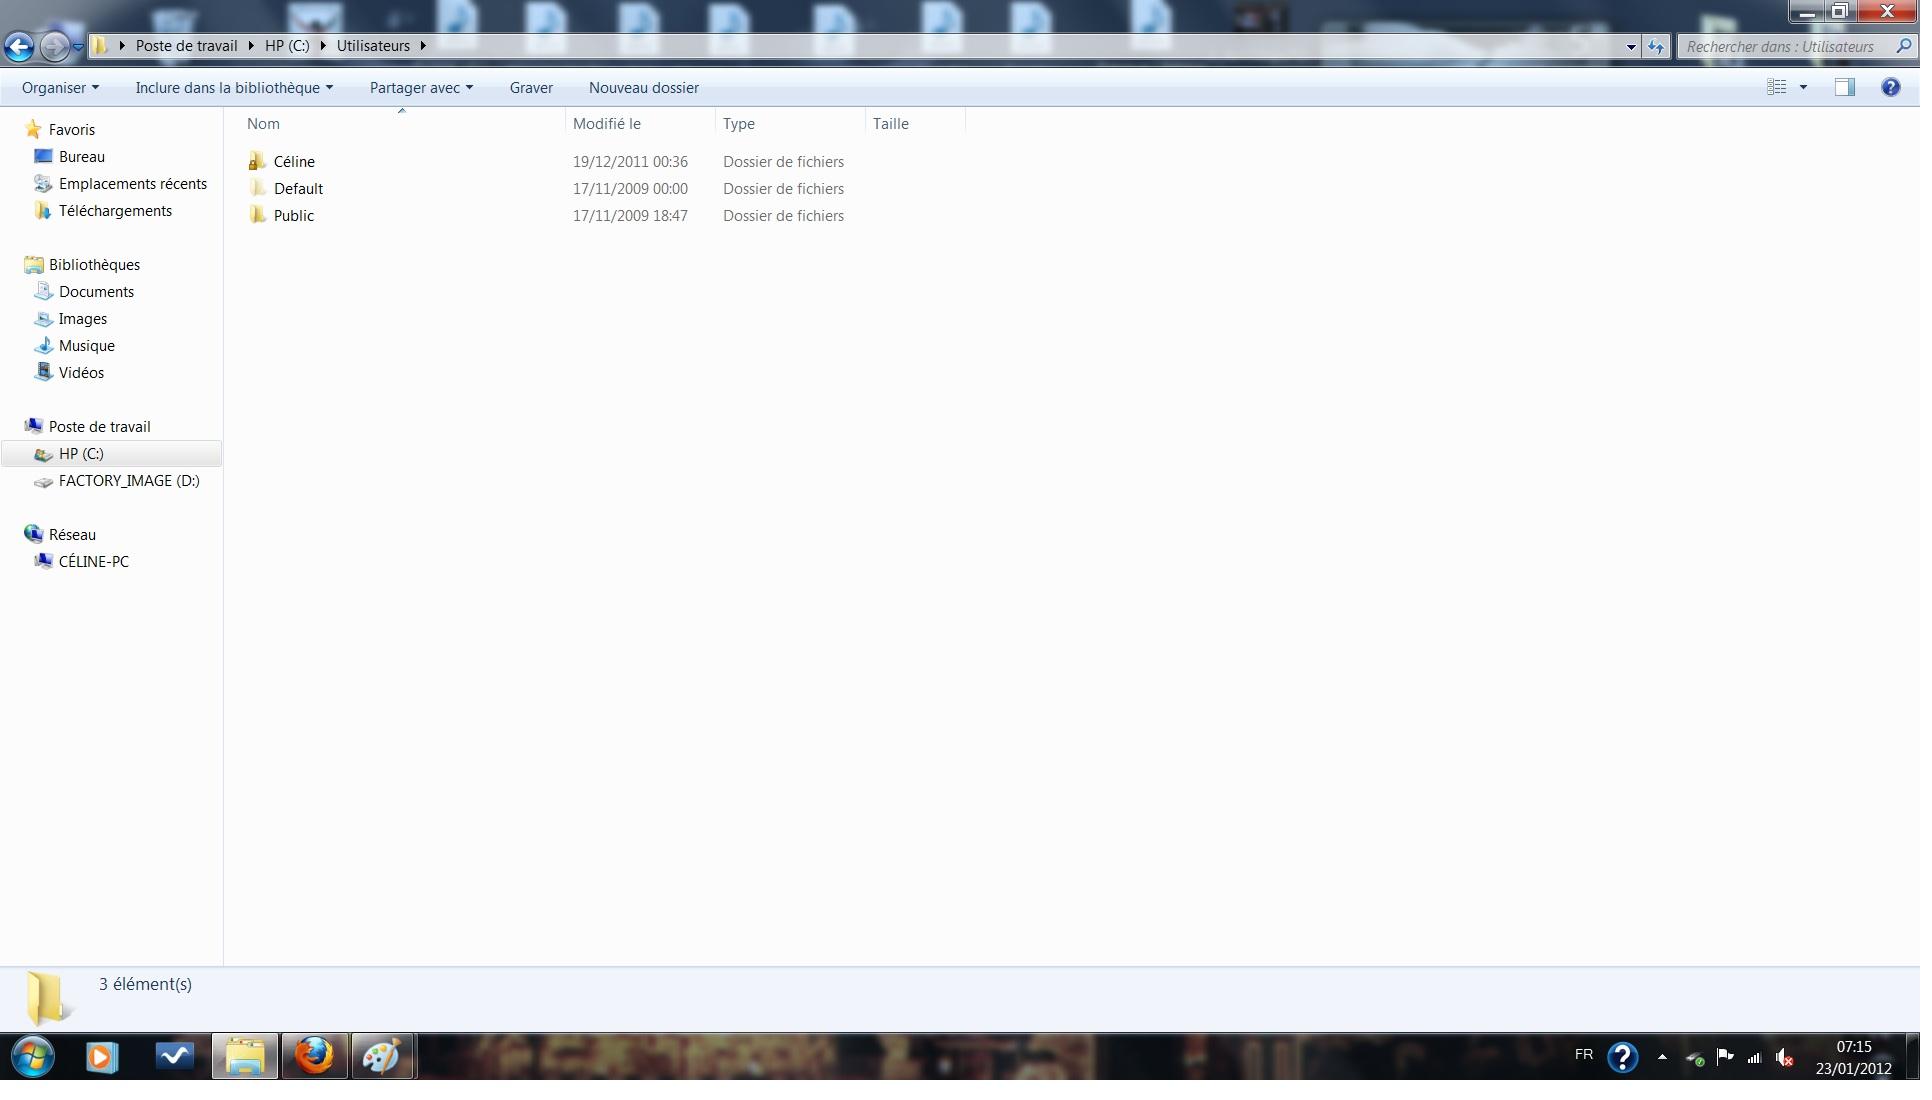 Tutoriel pour sauvegarder ses marque-pages (favoris) sous Firefox 311